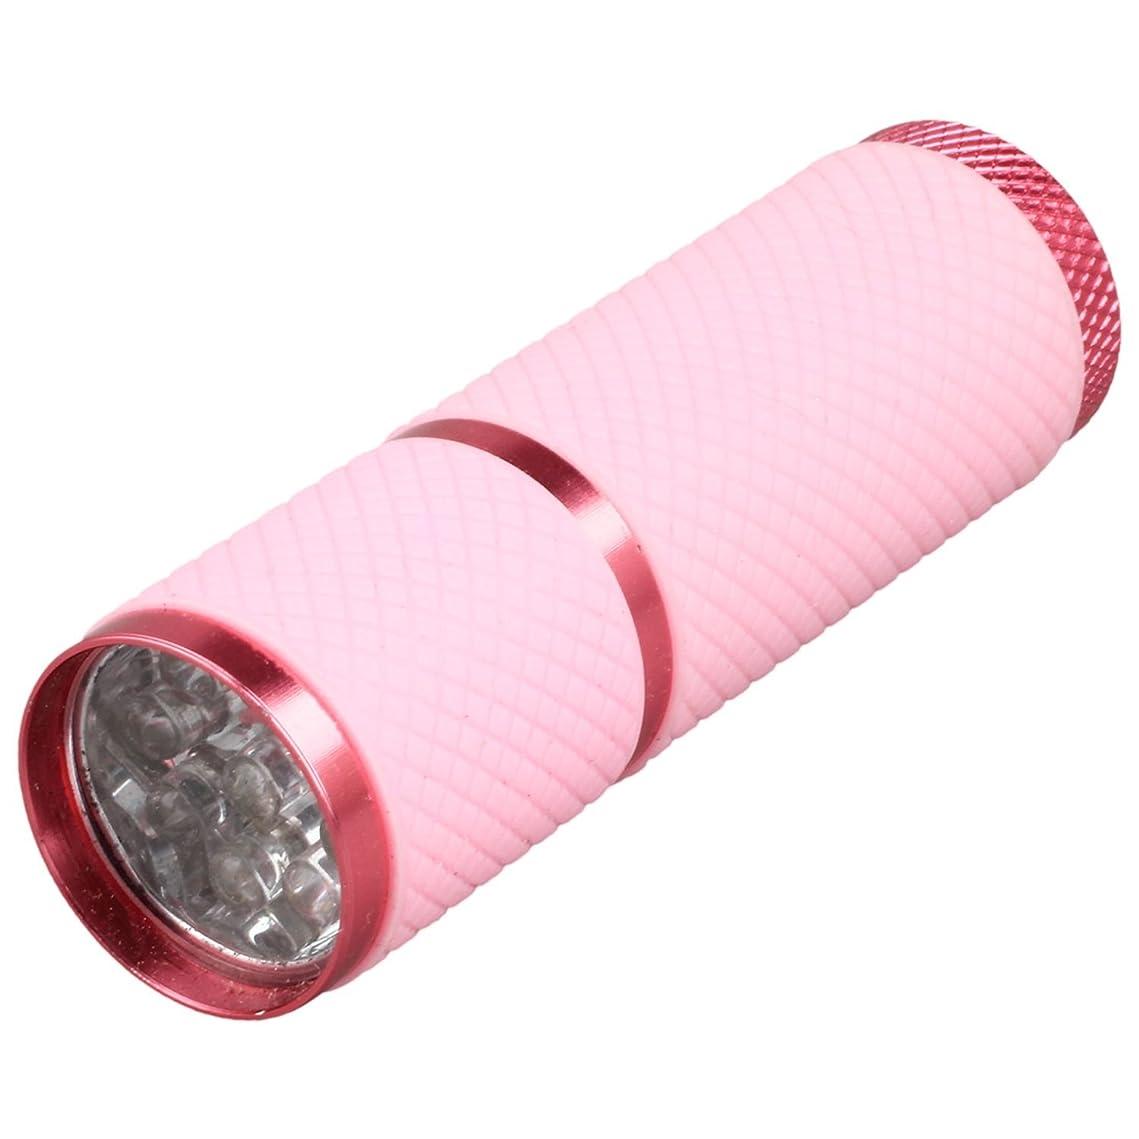 致命的なモンスター織るCikuso 1個 ミニ9 LED Uv ゲル硬化ランプ バッテリーなし 携帯性ネイルドライヤー LEDフラッシュライト通貨検出器 アルミニウム合金 ピンクカラー